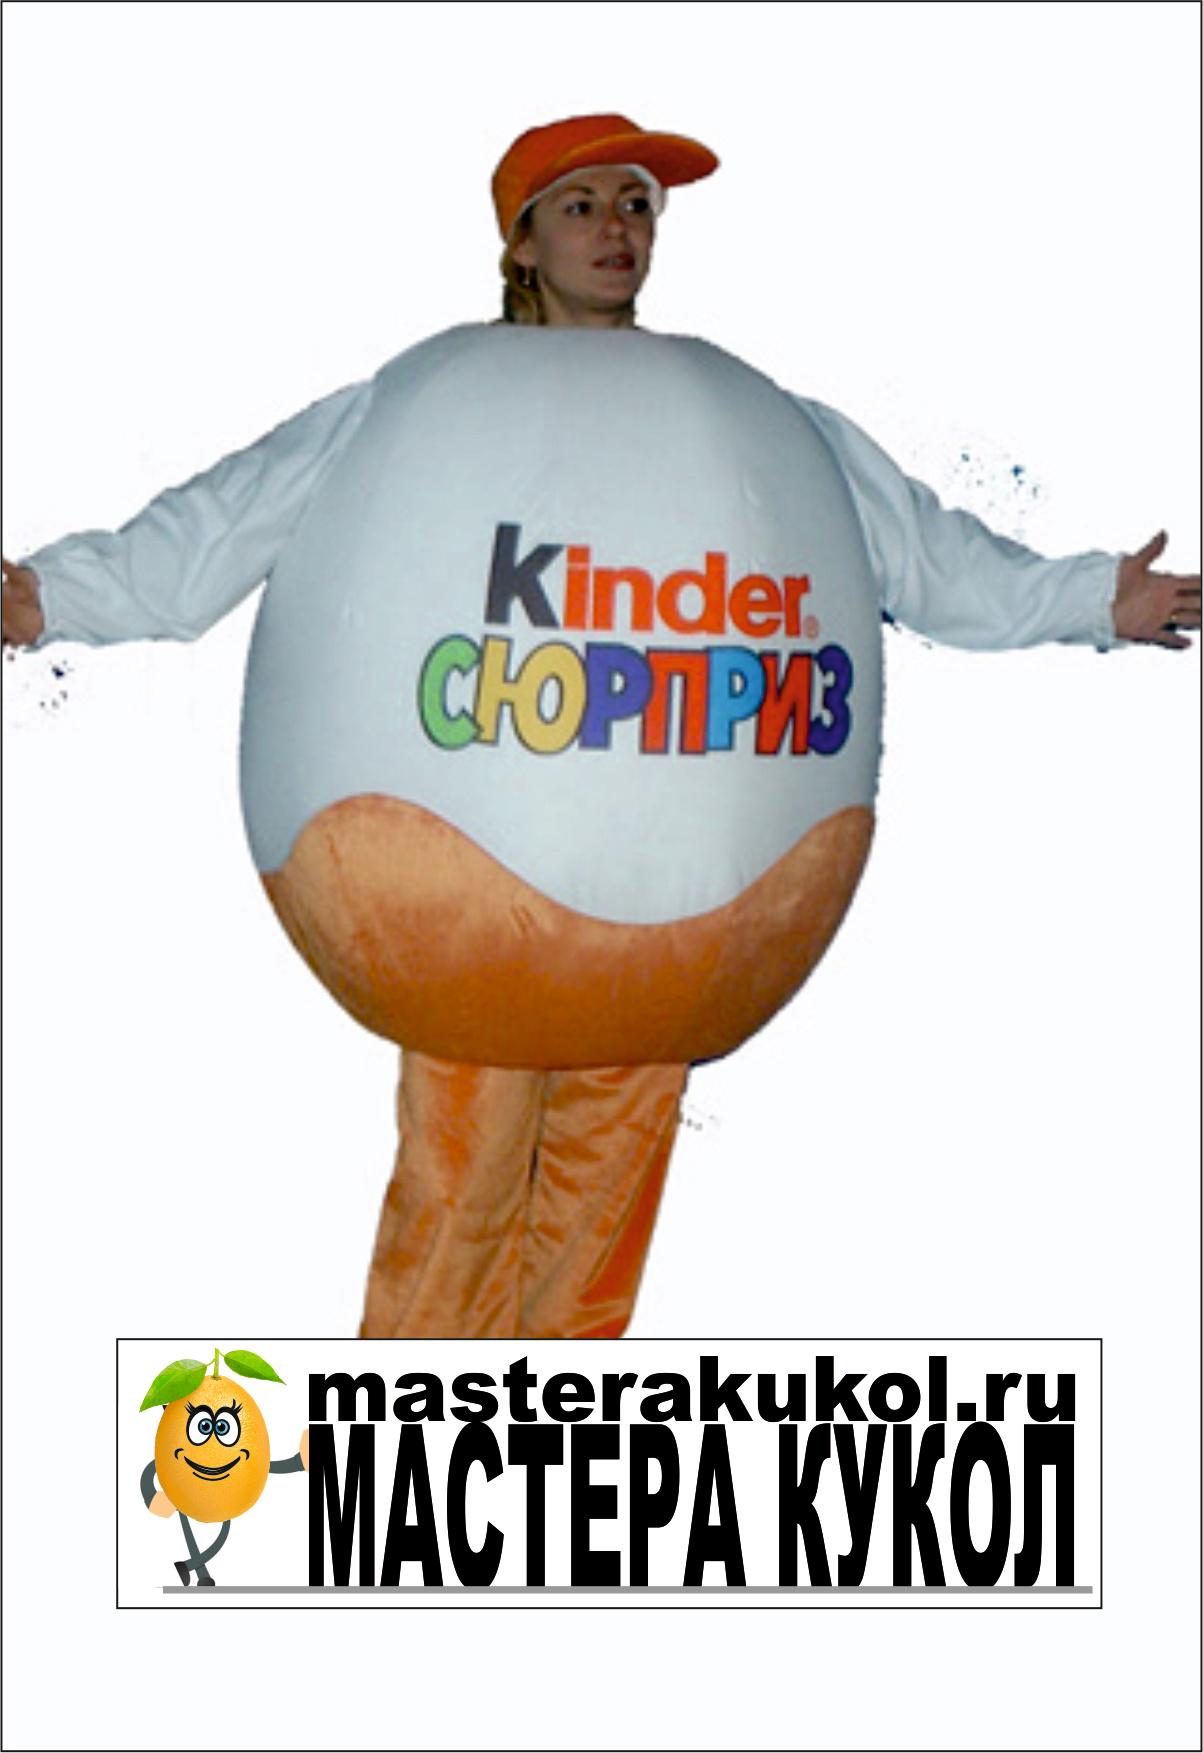 Ростовая кукла Киндер